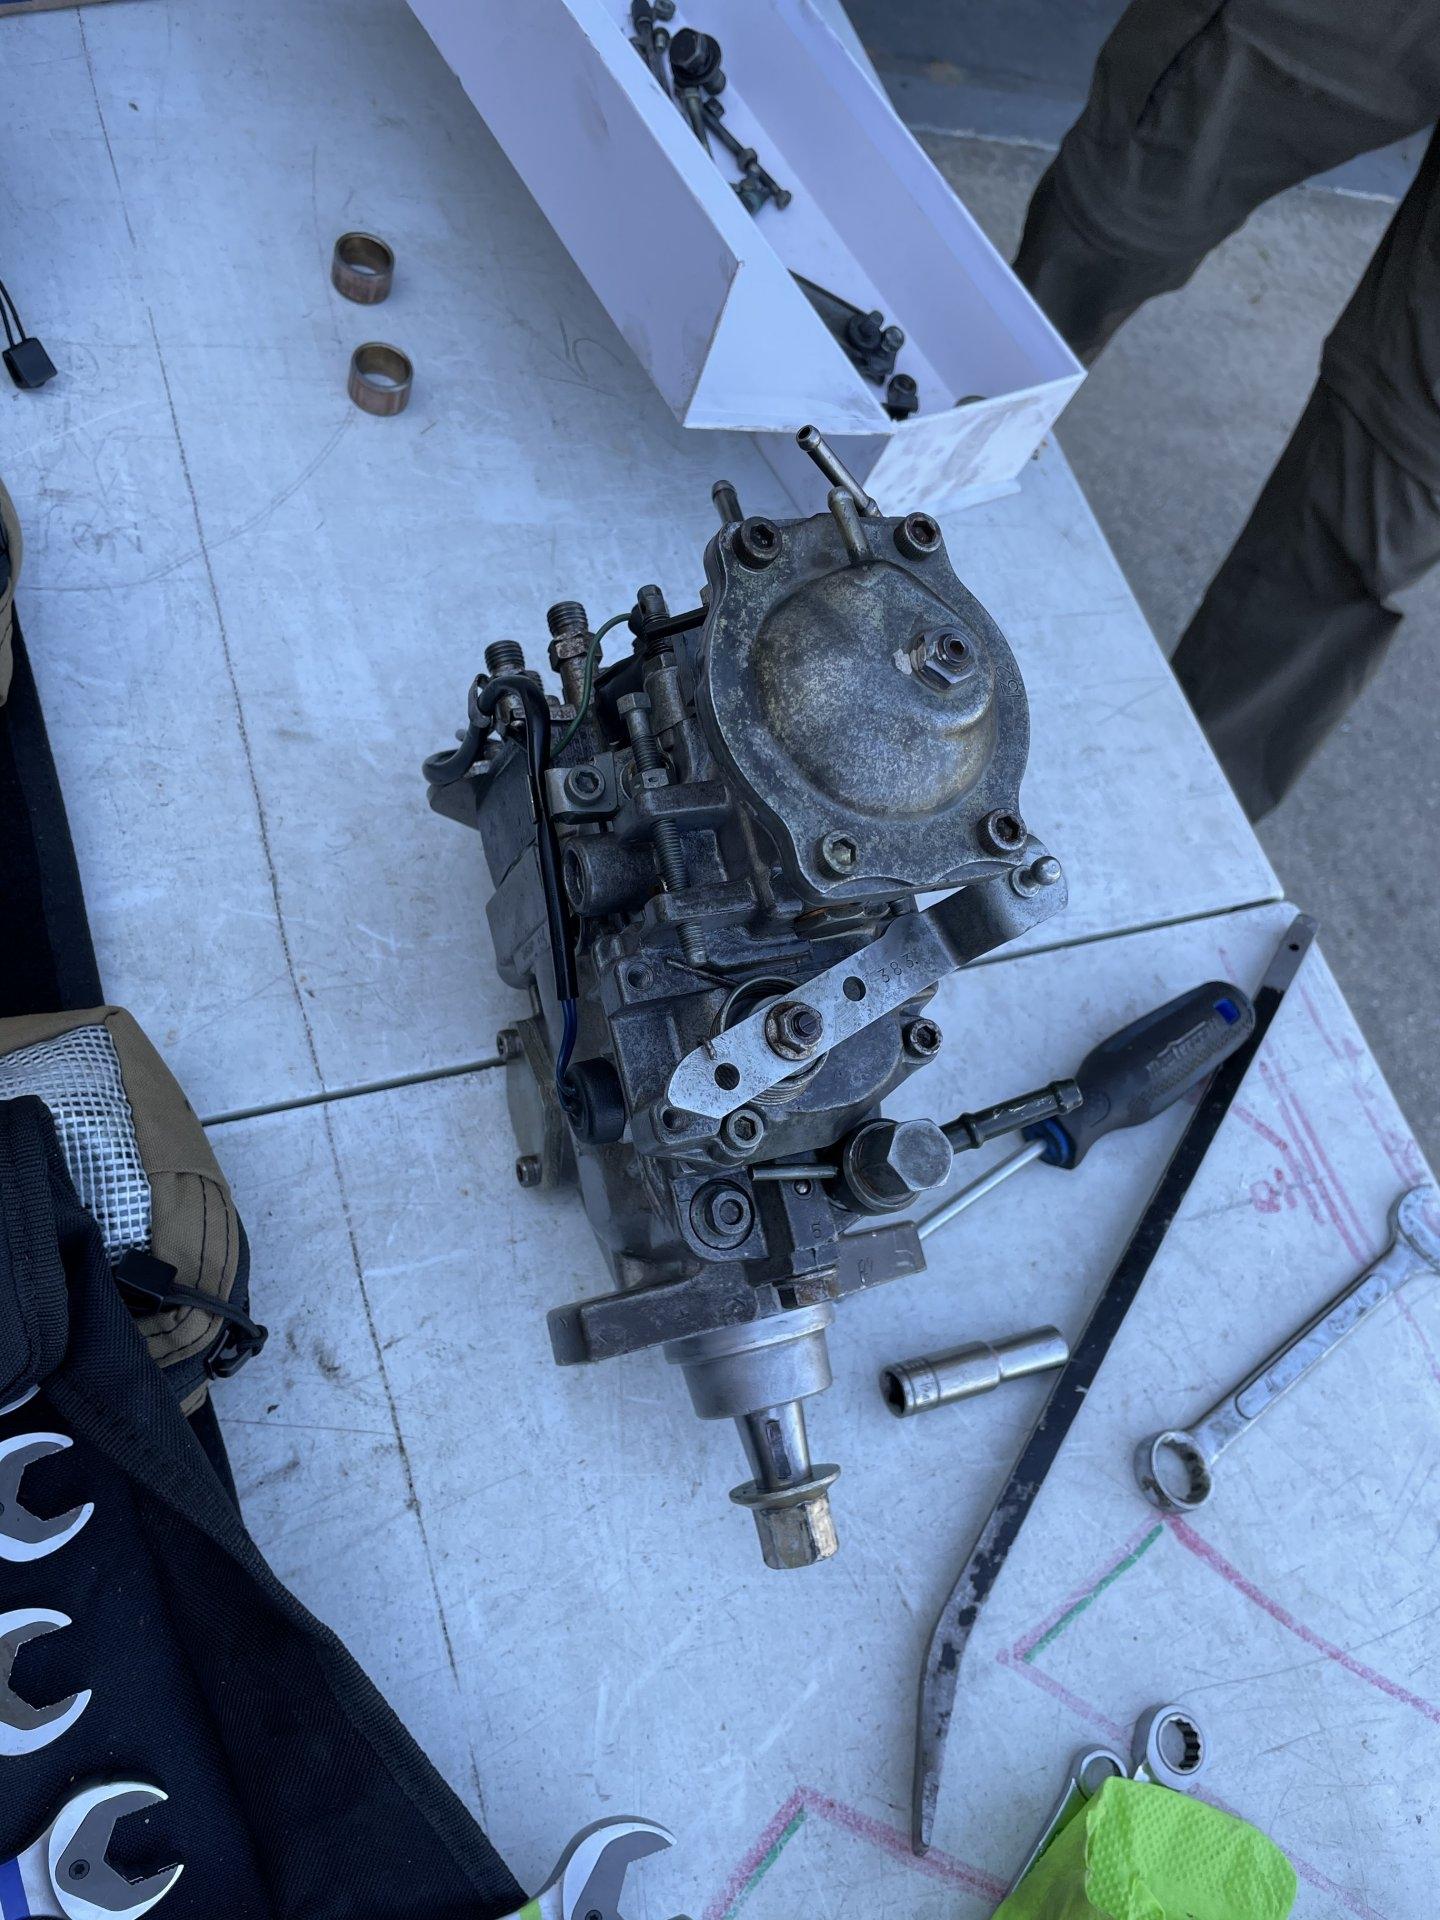 A9AA200C-2E62-4454-8E92-0830F1A7A02F.jpeg